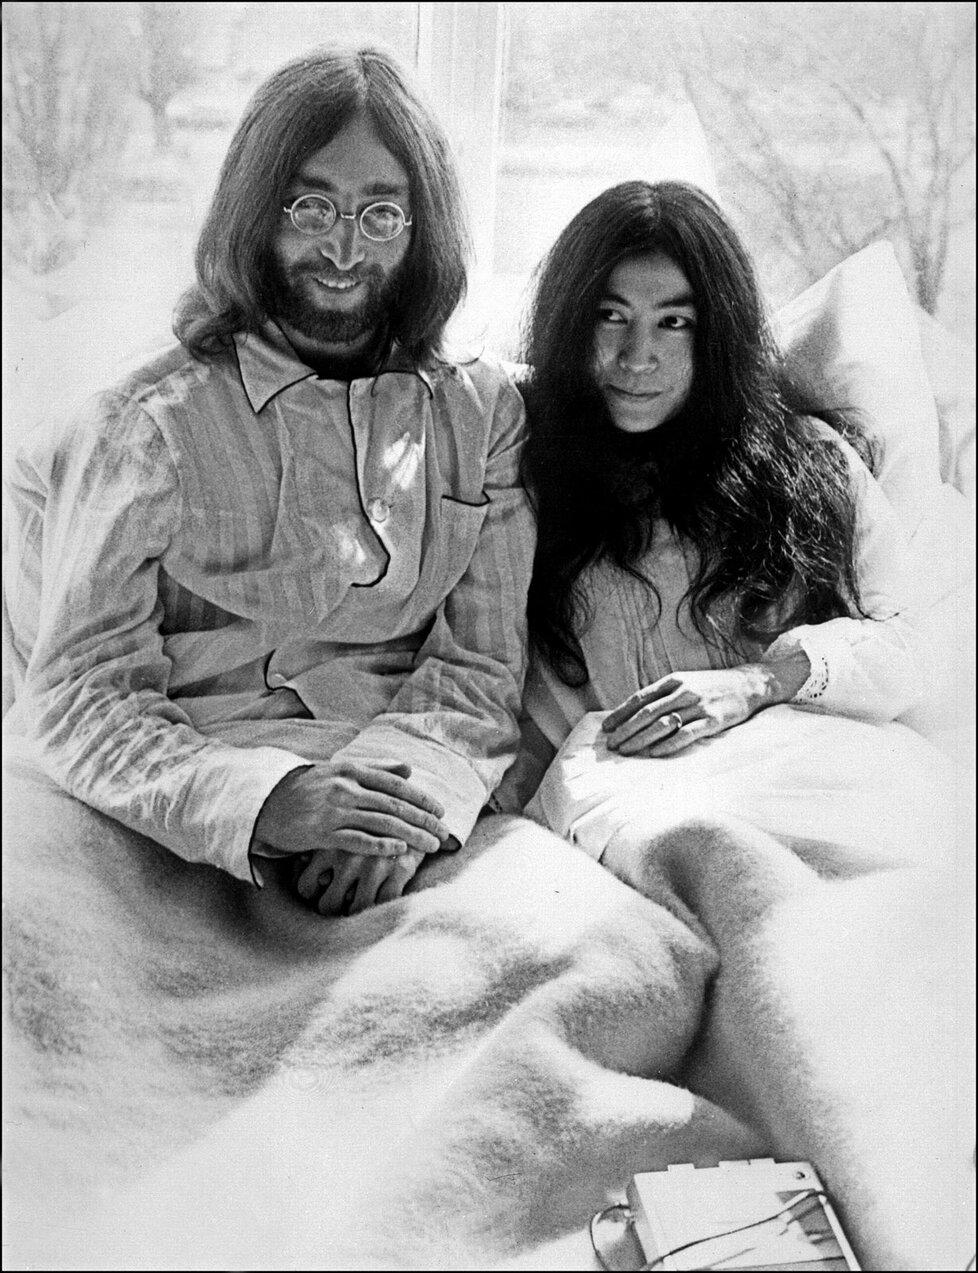 Manželé John Lennon a Yoko Ono